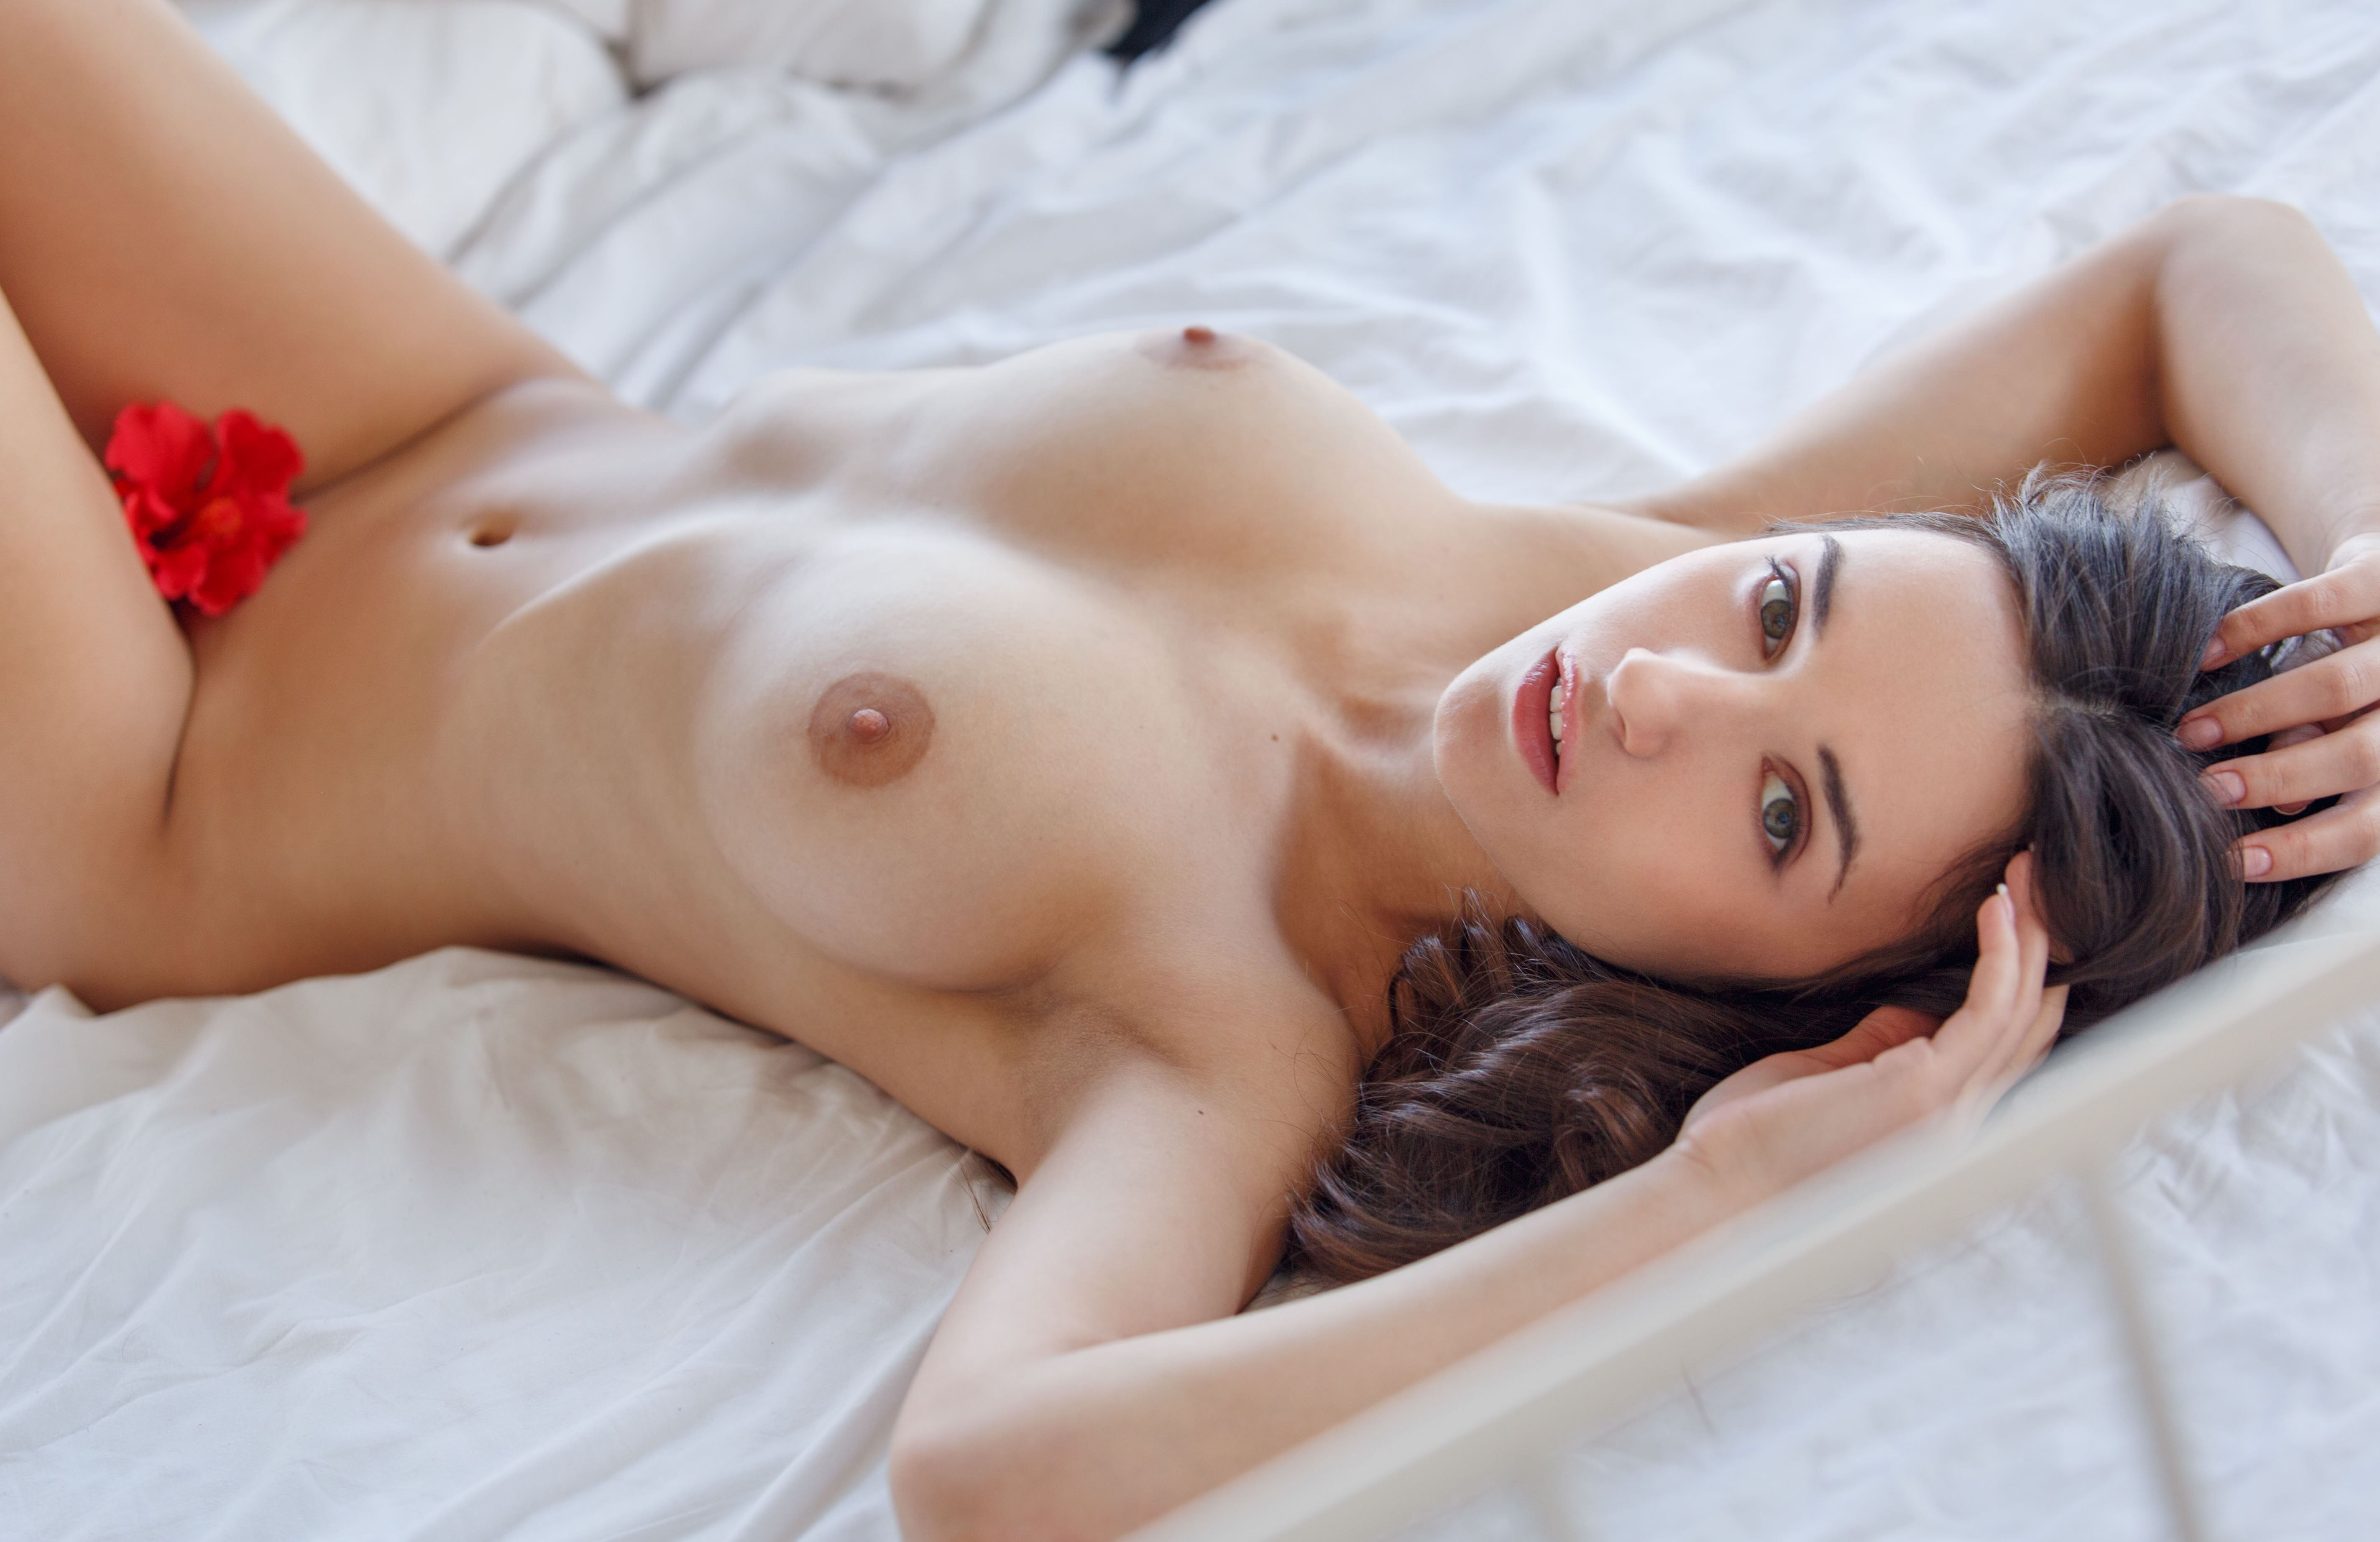 Фото Голая брюнетка в постели, роза между ног, набухшие соски, скачать картинку бесплатно